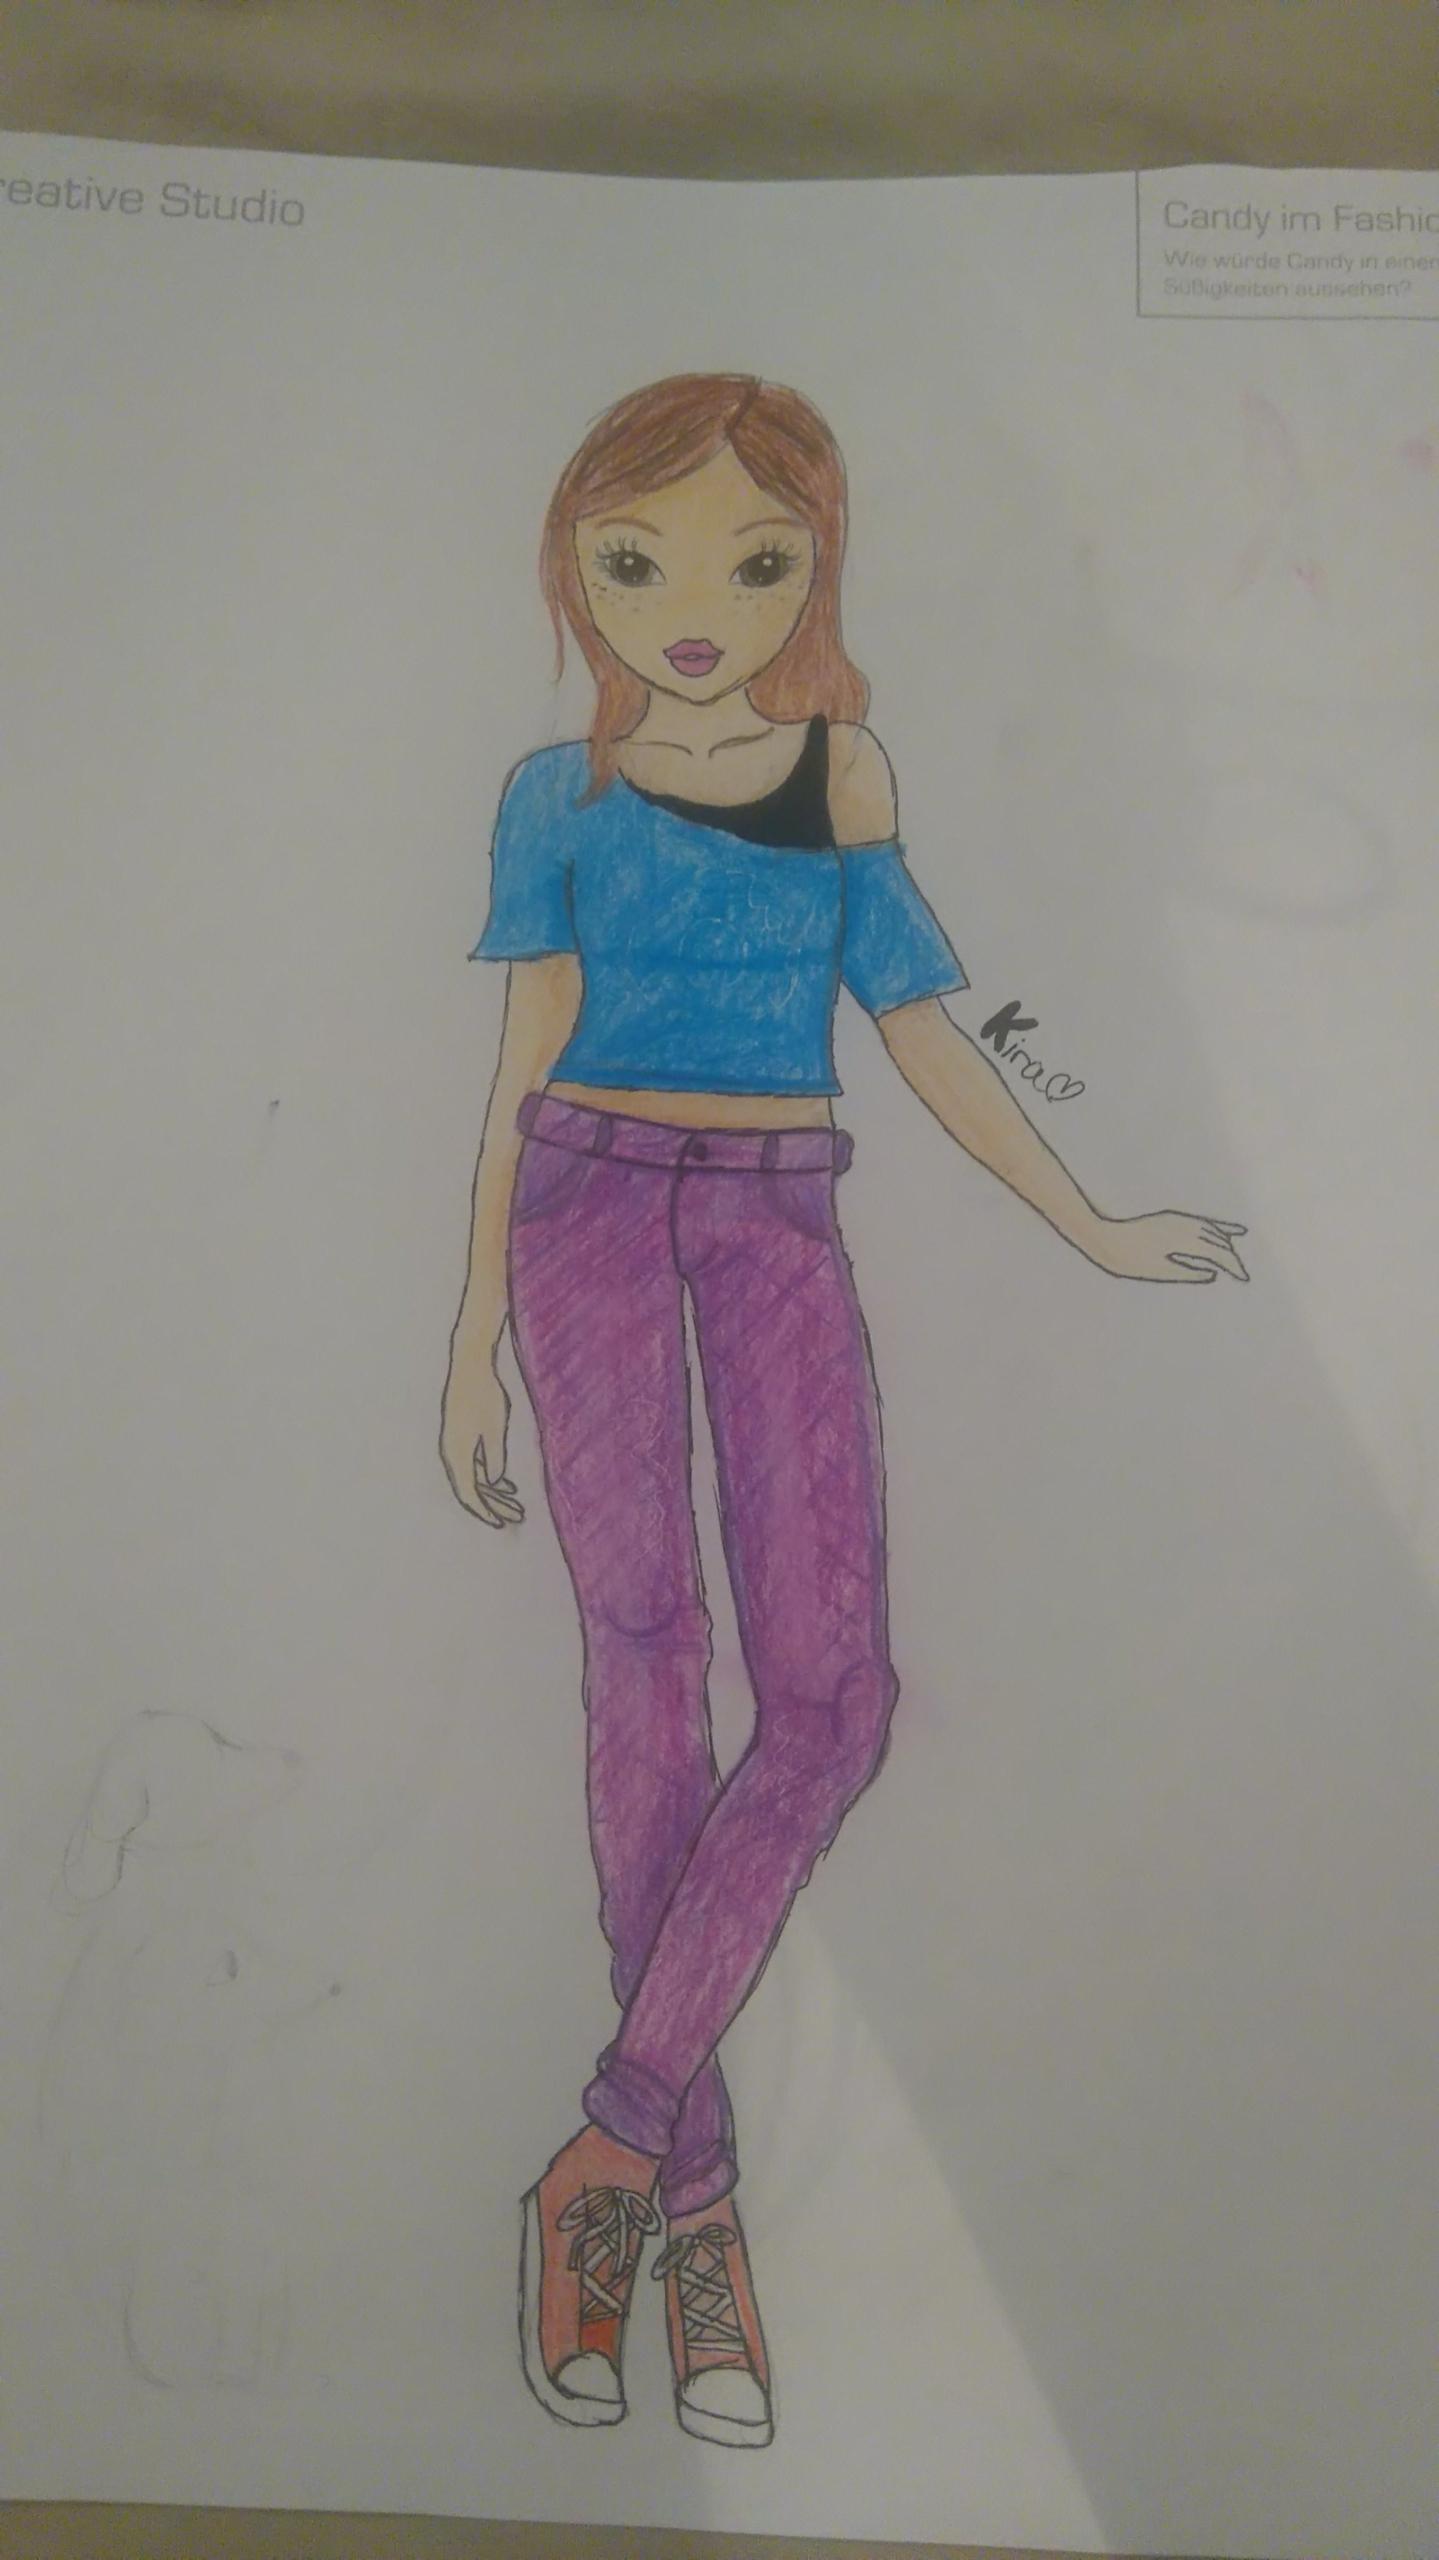 kira d., 8years, from WA